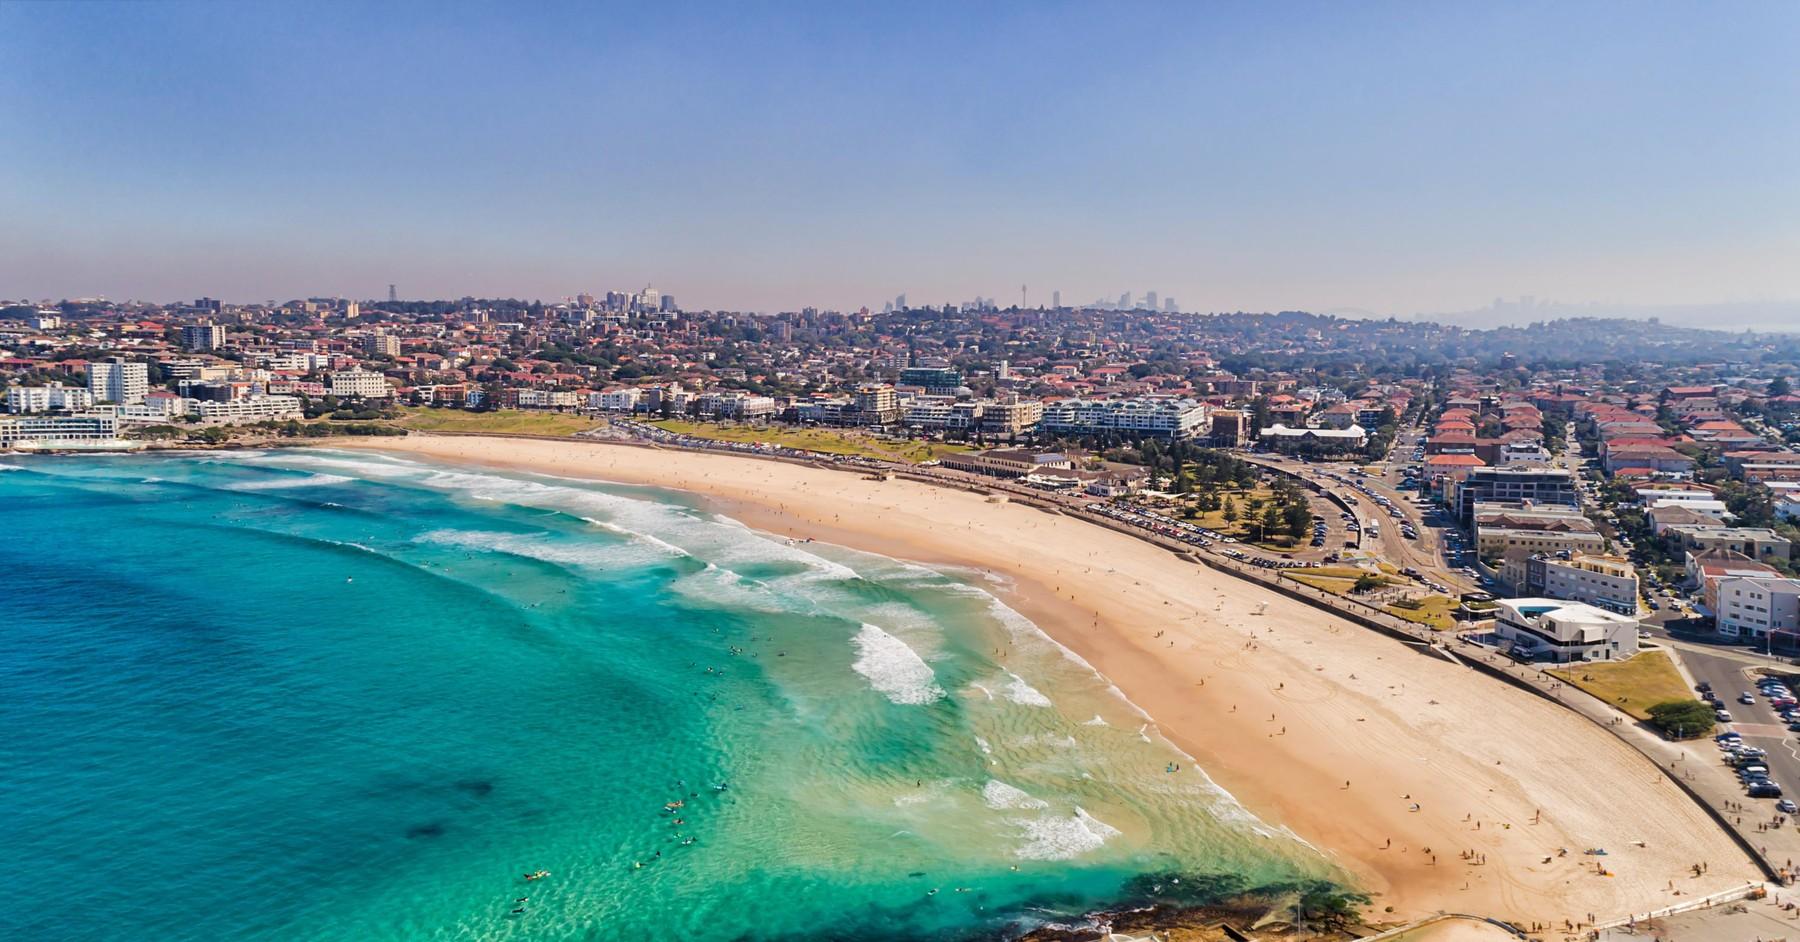 plaža Bondi u Australiji